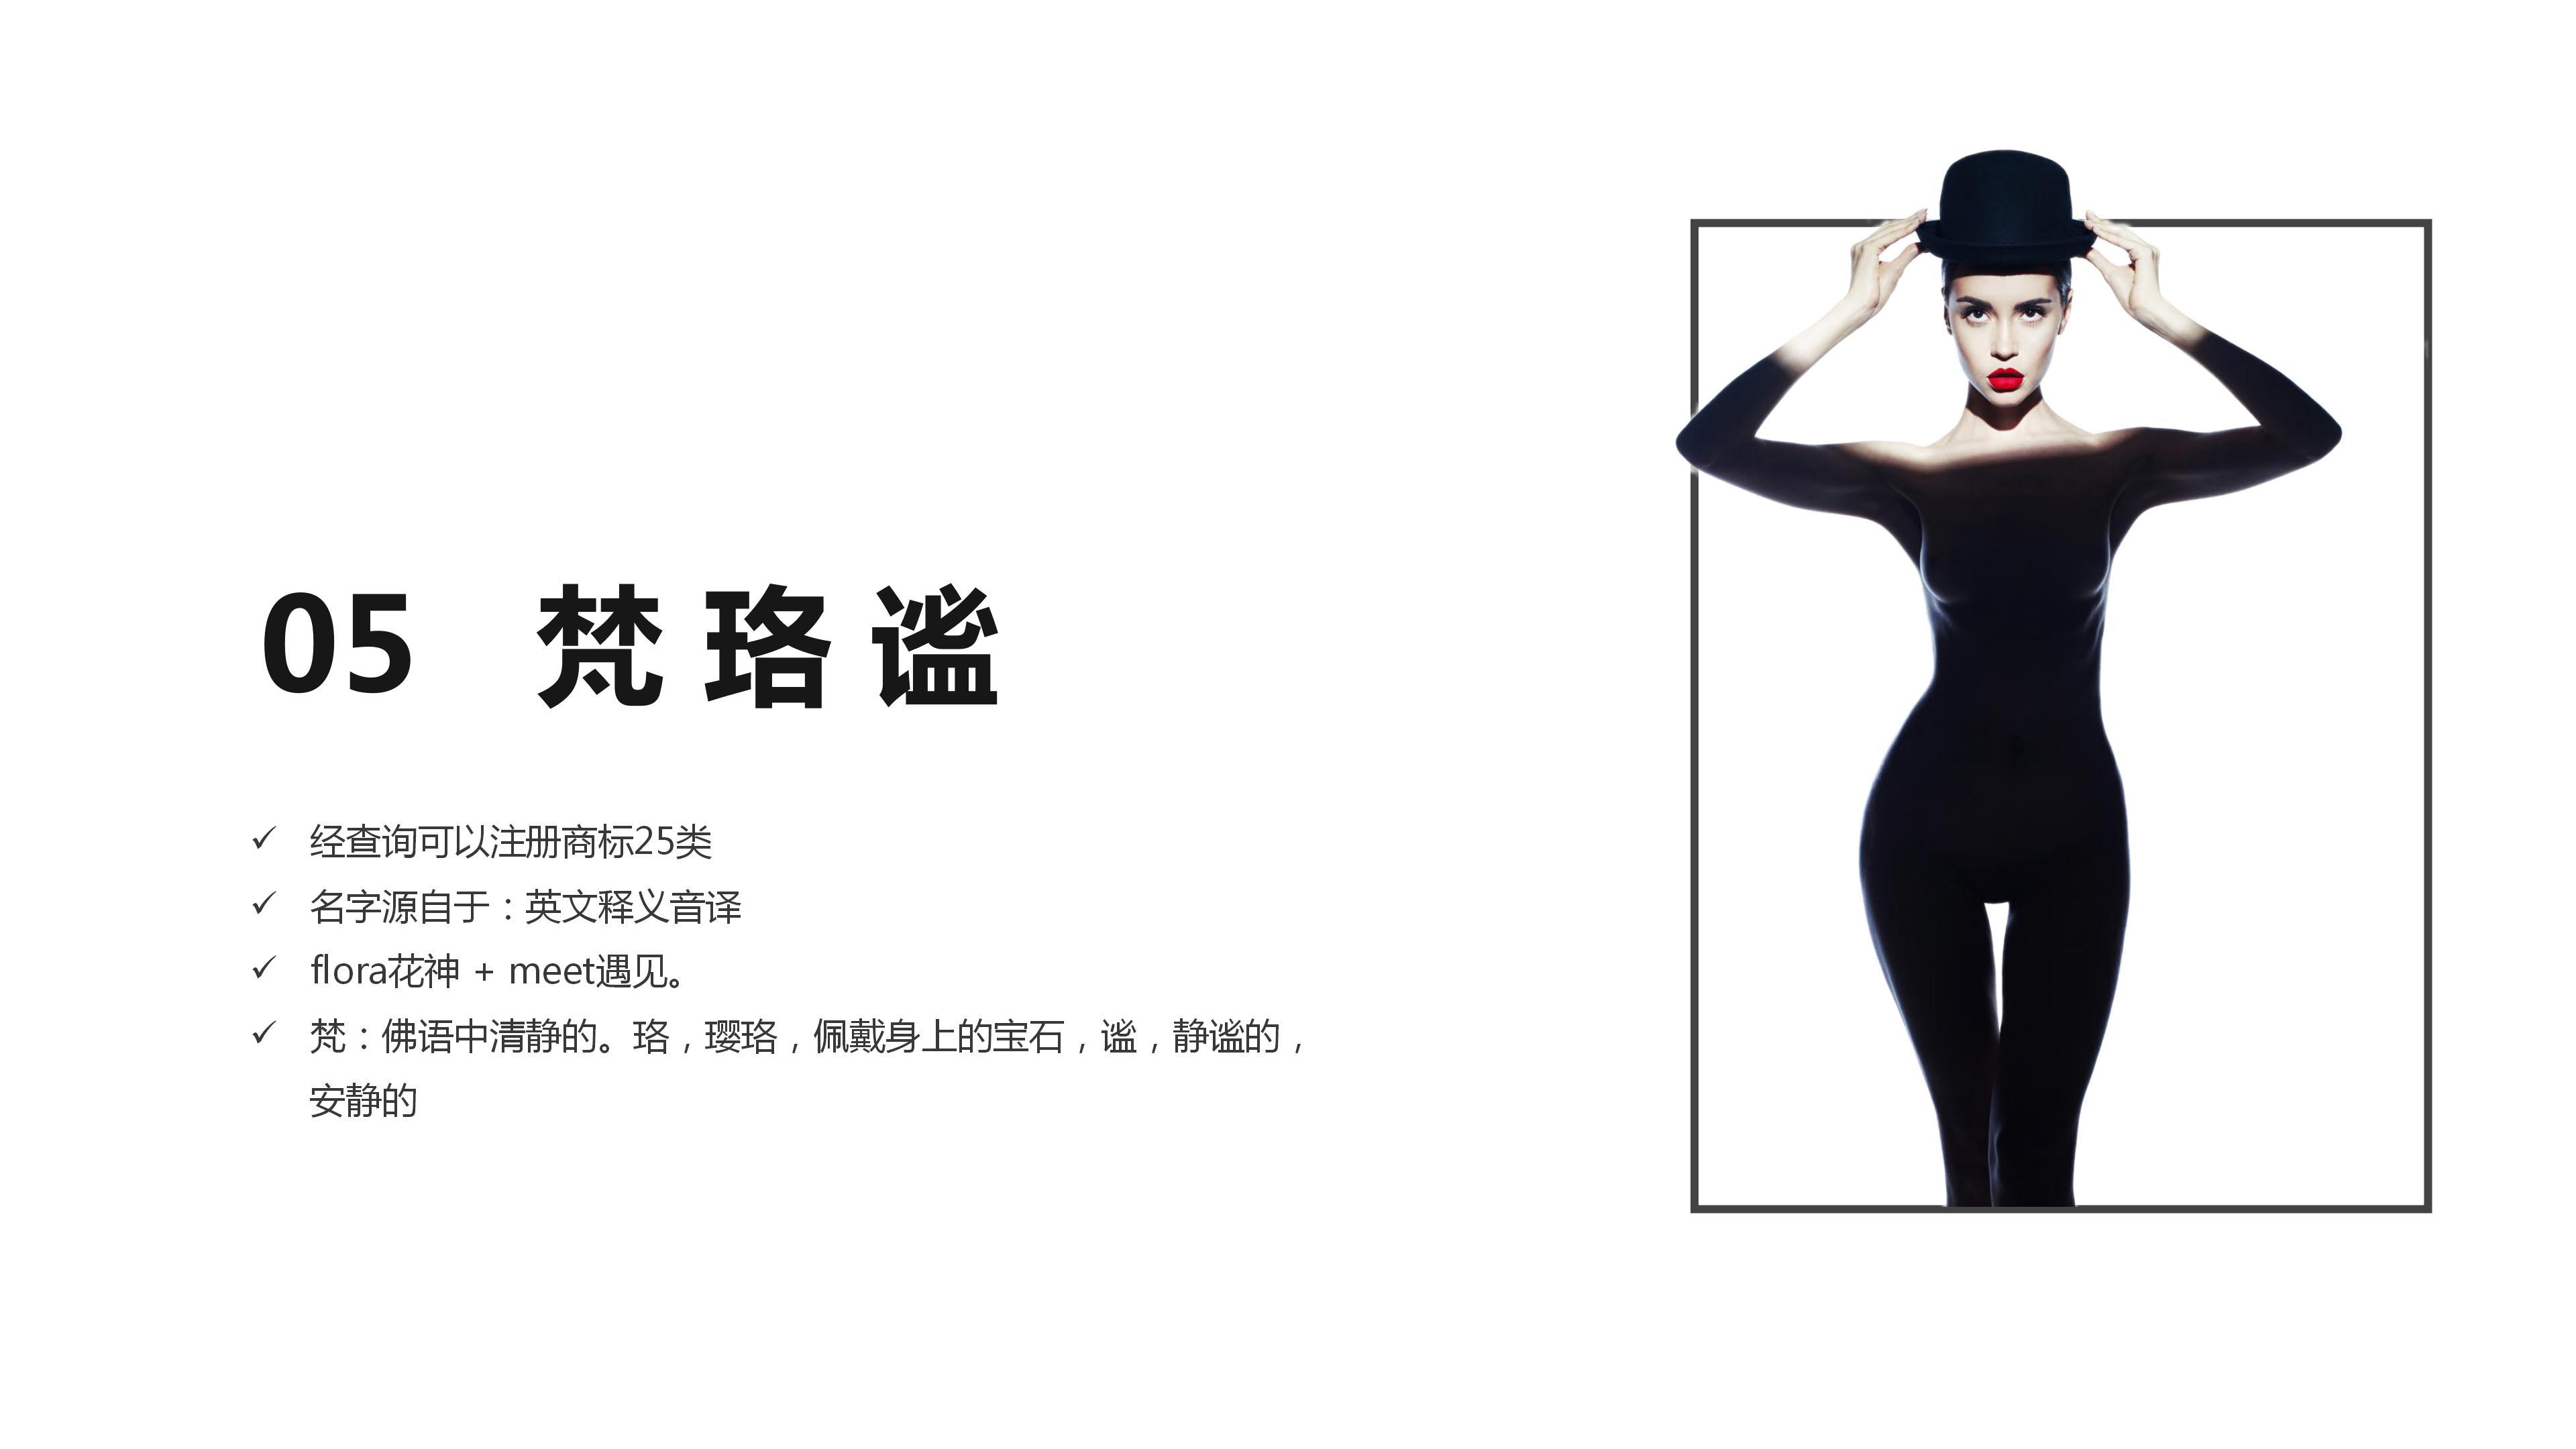 公司品牌起名命名取名店铺网站产品策划LOGO设计尊享套餐